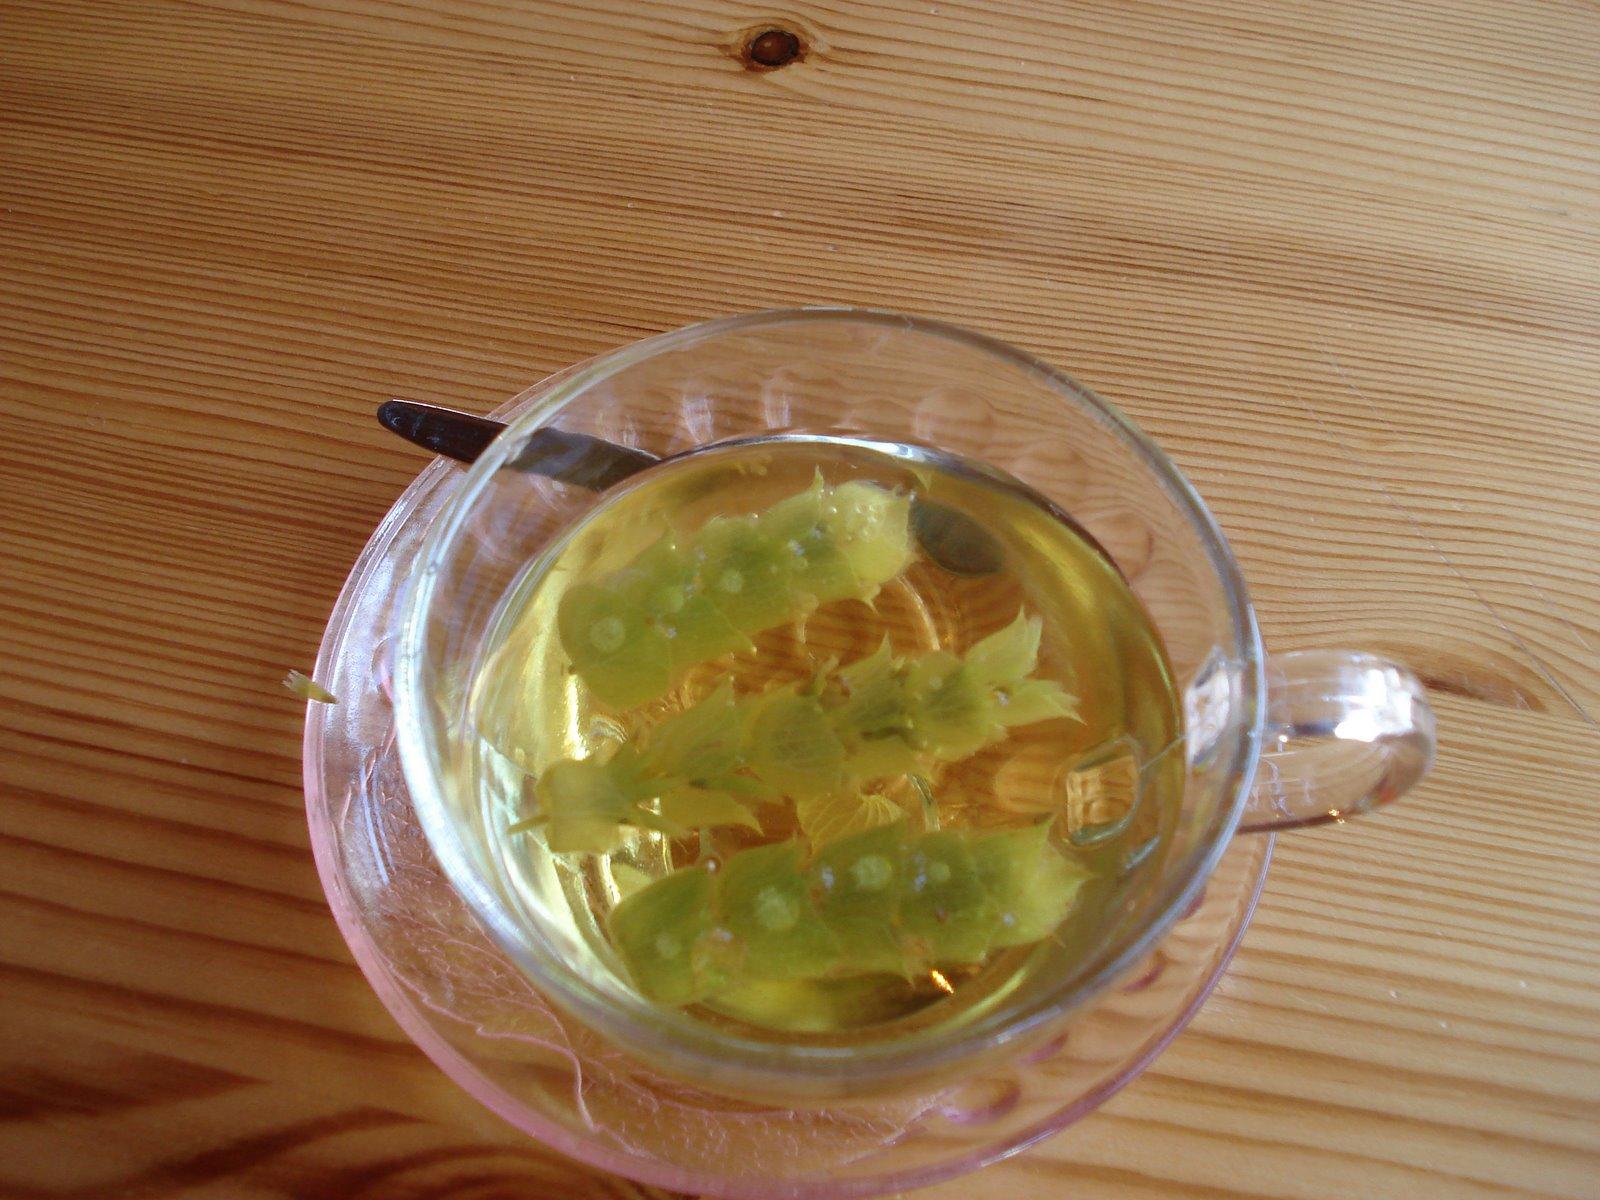 отзывы пурпурный чай чанг-шу отзывы покупателей